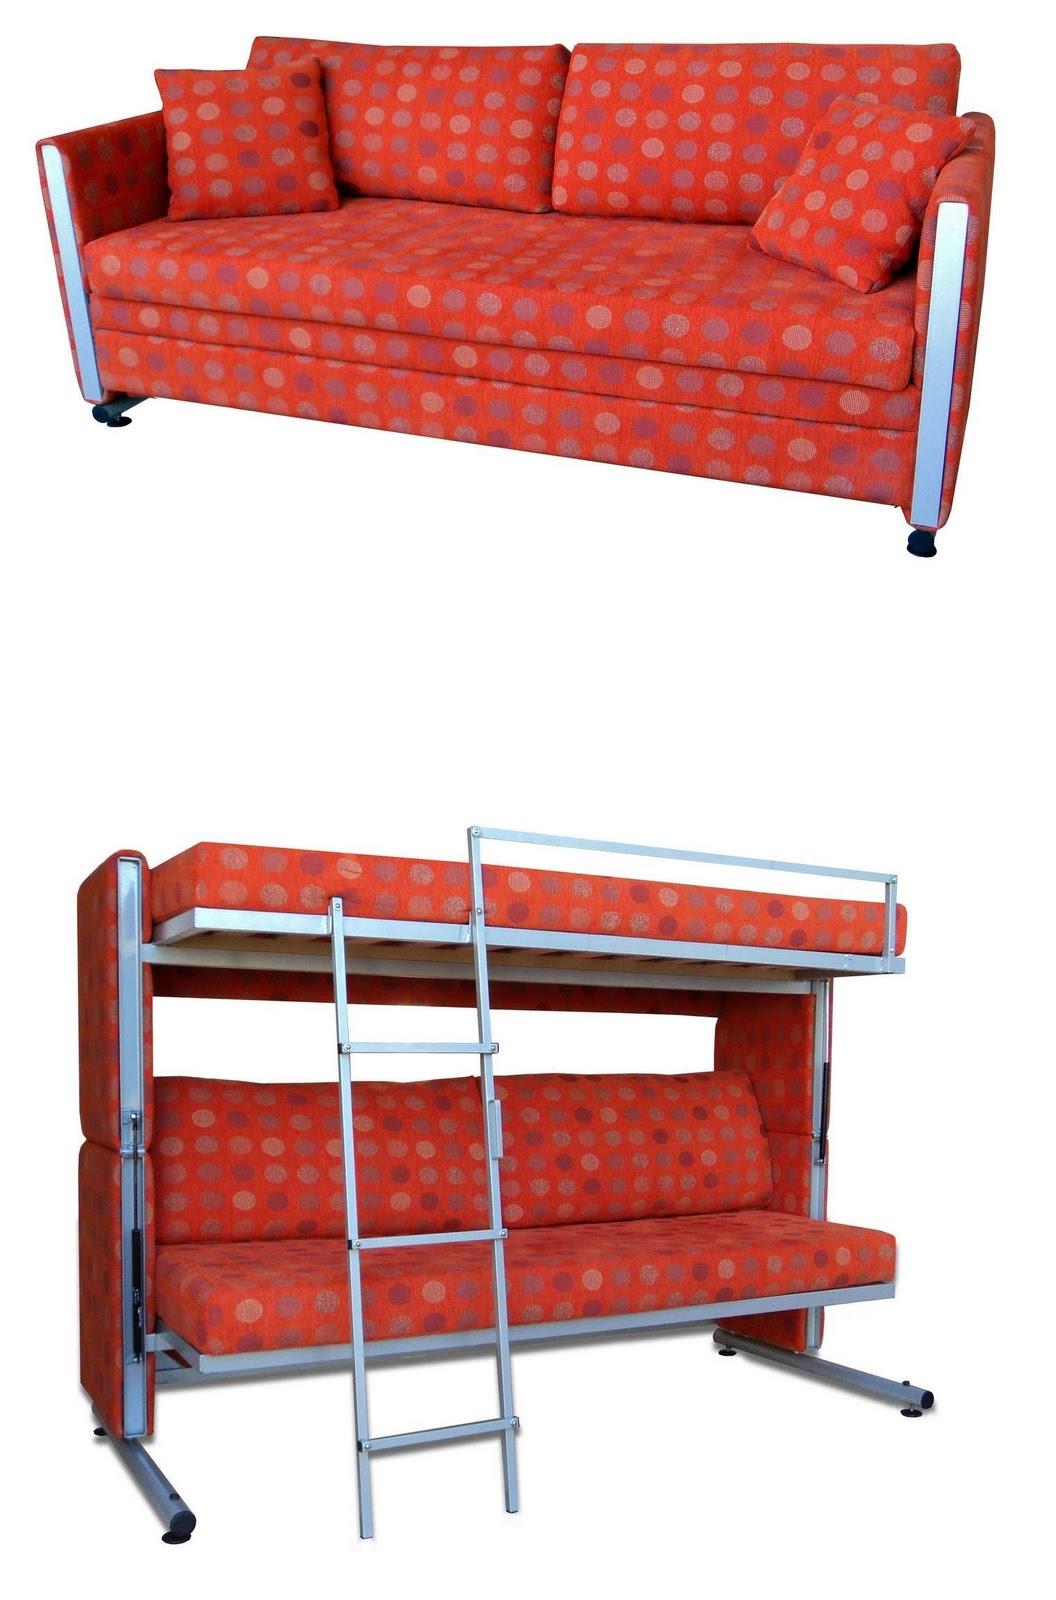 Lua e ch m vel curinga for Fabrica sofa cama 1 plaza